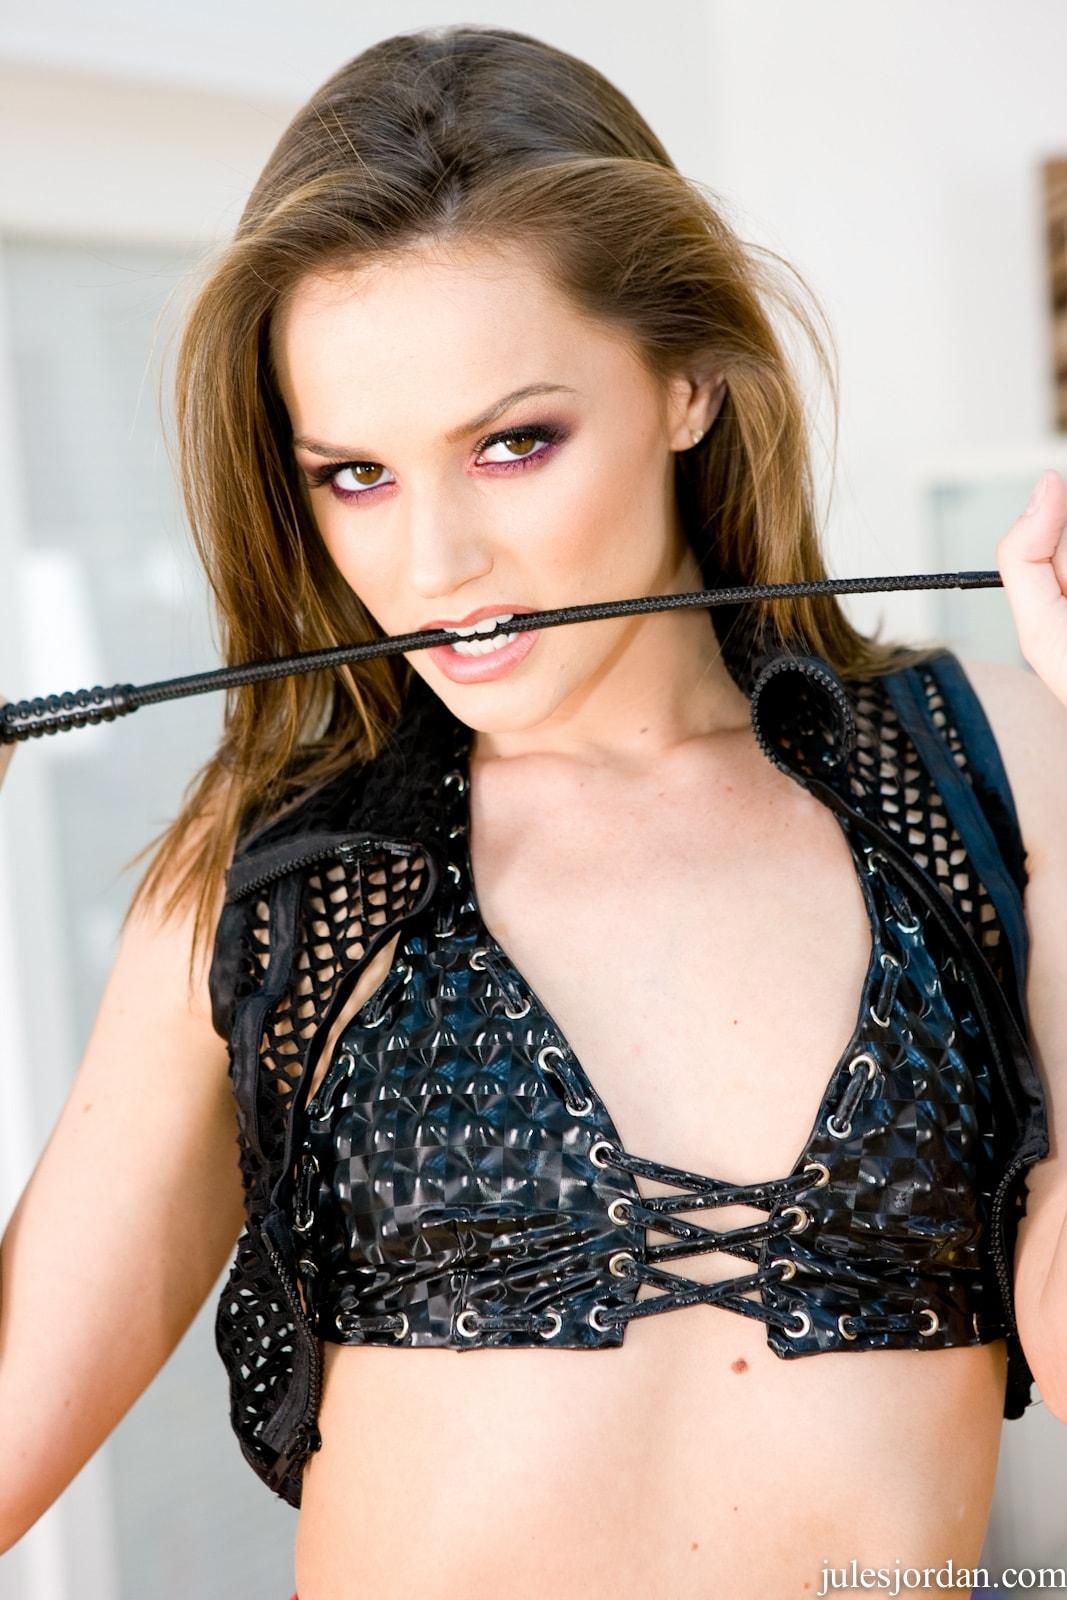 Jules Jordan 'Lex The Impaler 5' starring Tori Black (Photo 1)